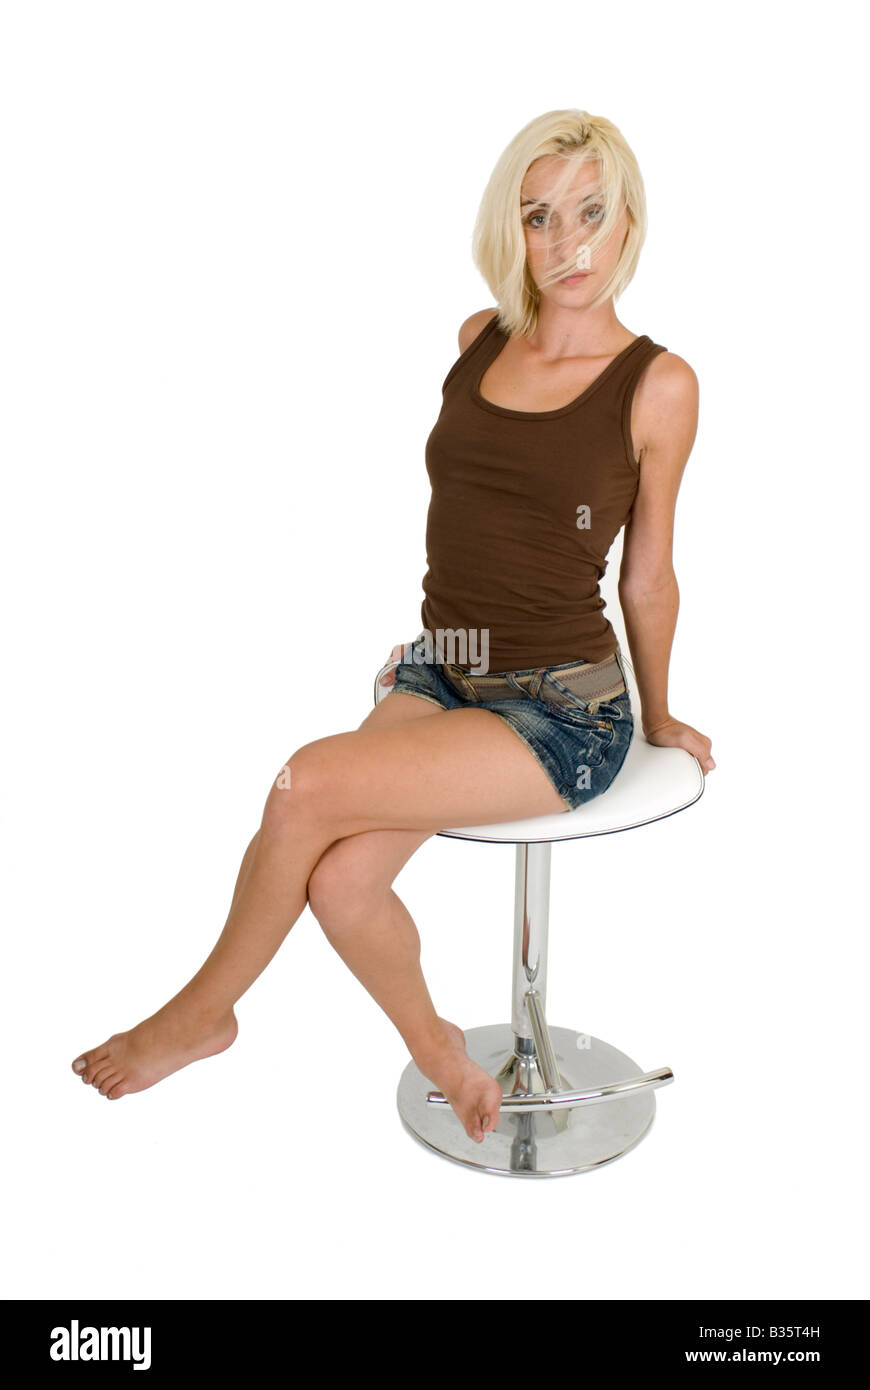 For Girl on bar stool share